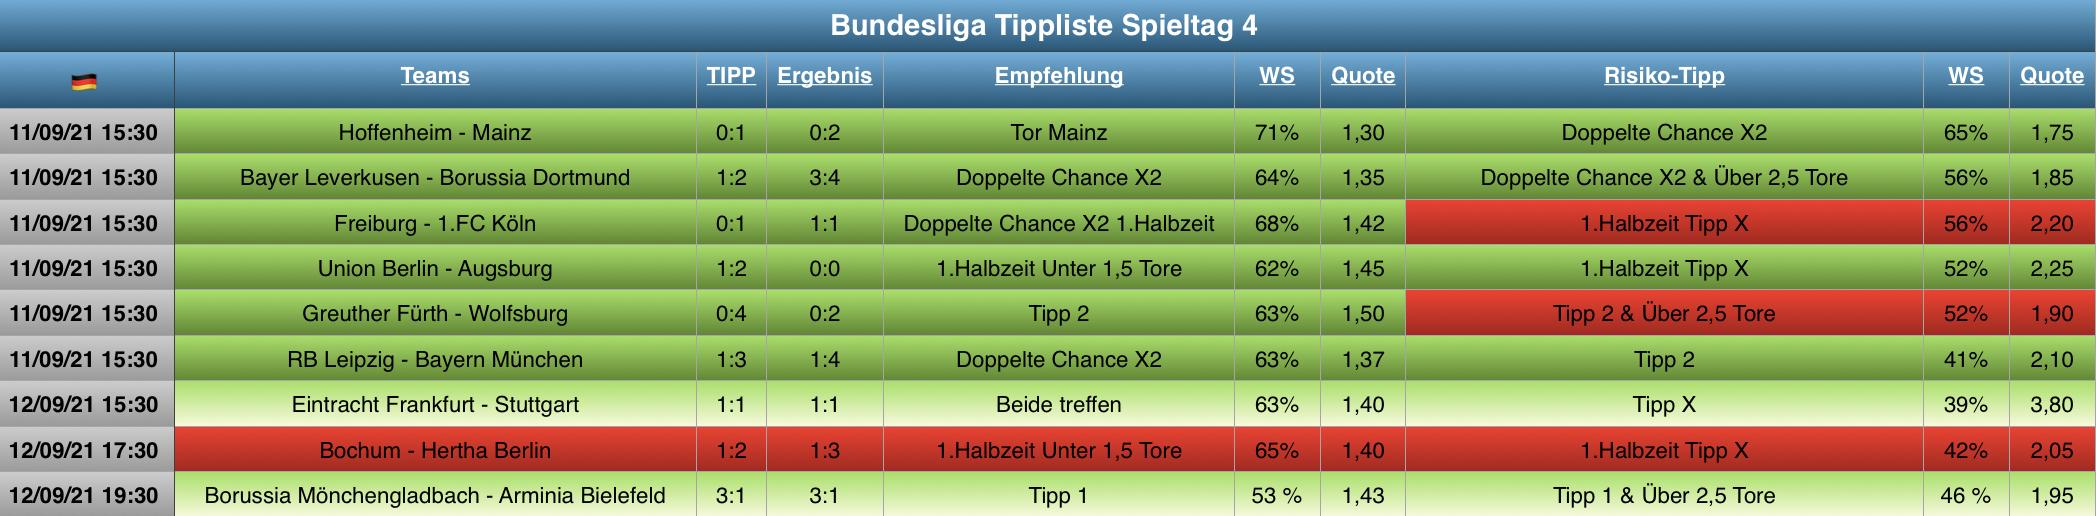 Auswertung Bundesliga Tippliste Spieltag 4 (2021)